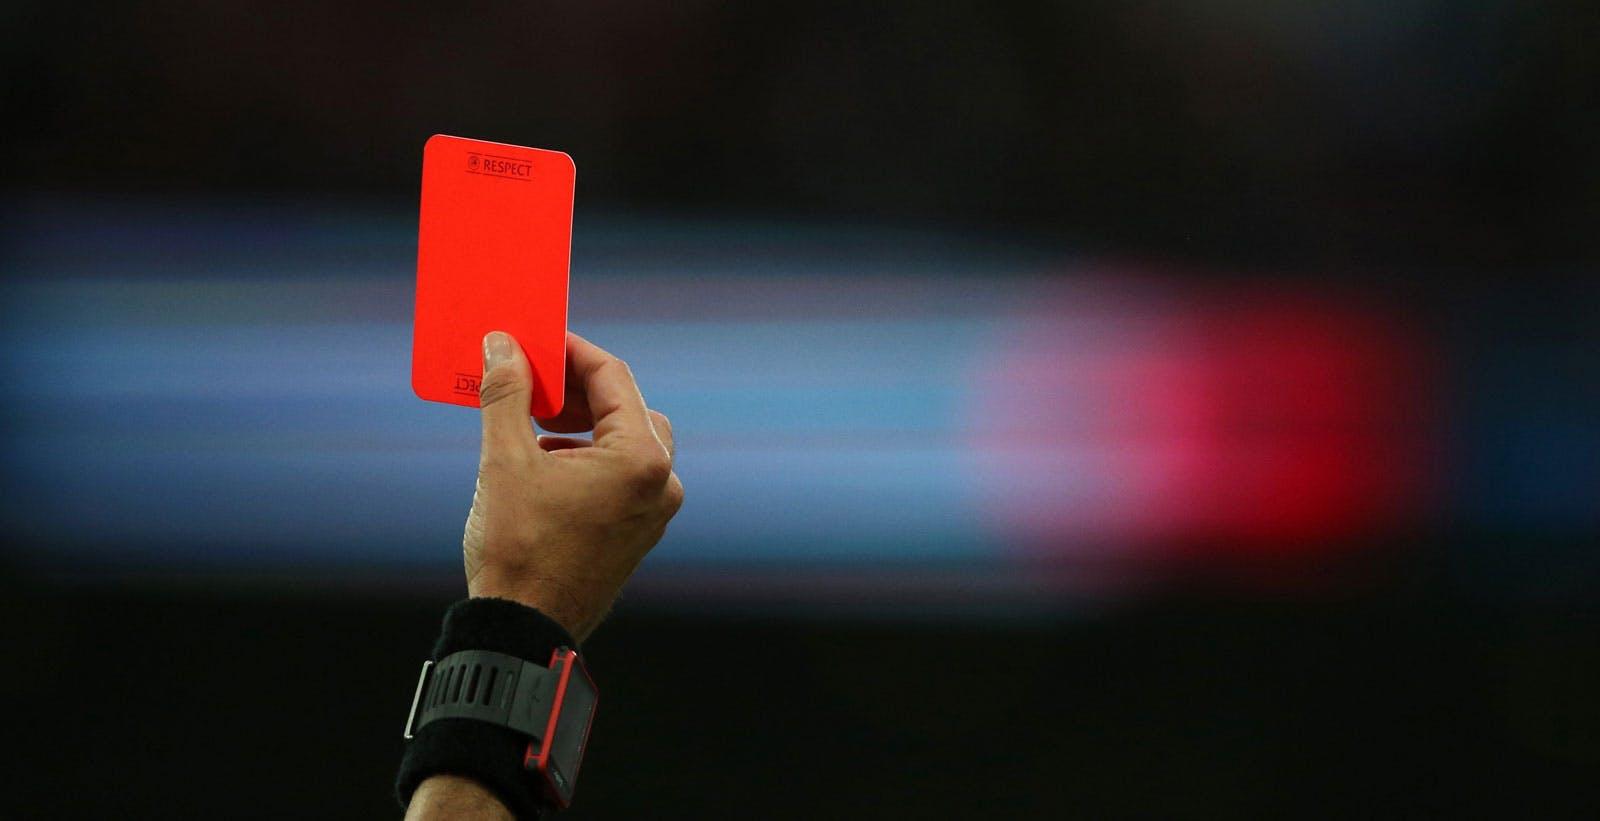 Calcio a sbafo, arrivano le multe per gli utenti finali. Il pezzotto in Italia ha vita breve